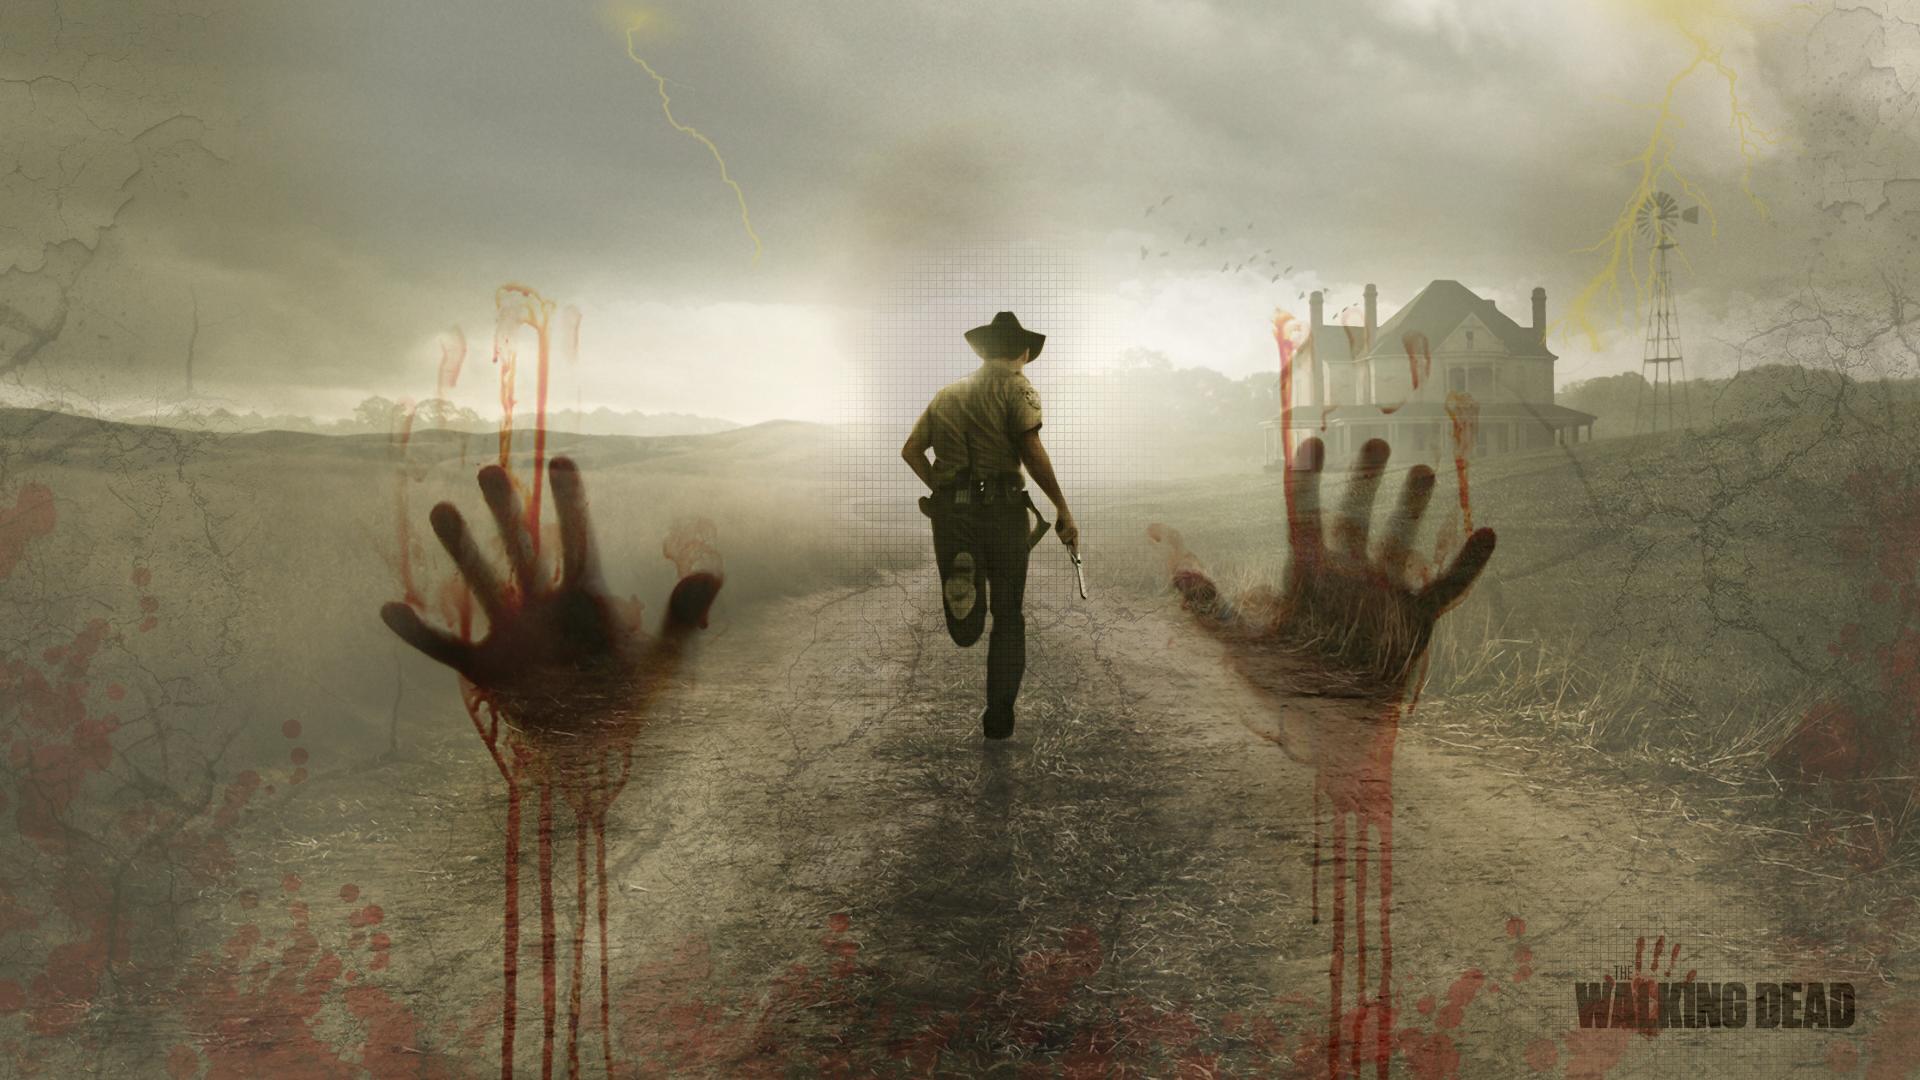 The Walking Dead Wallpaper by BlooddrunkDesigns 1920x1080